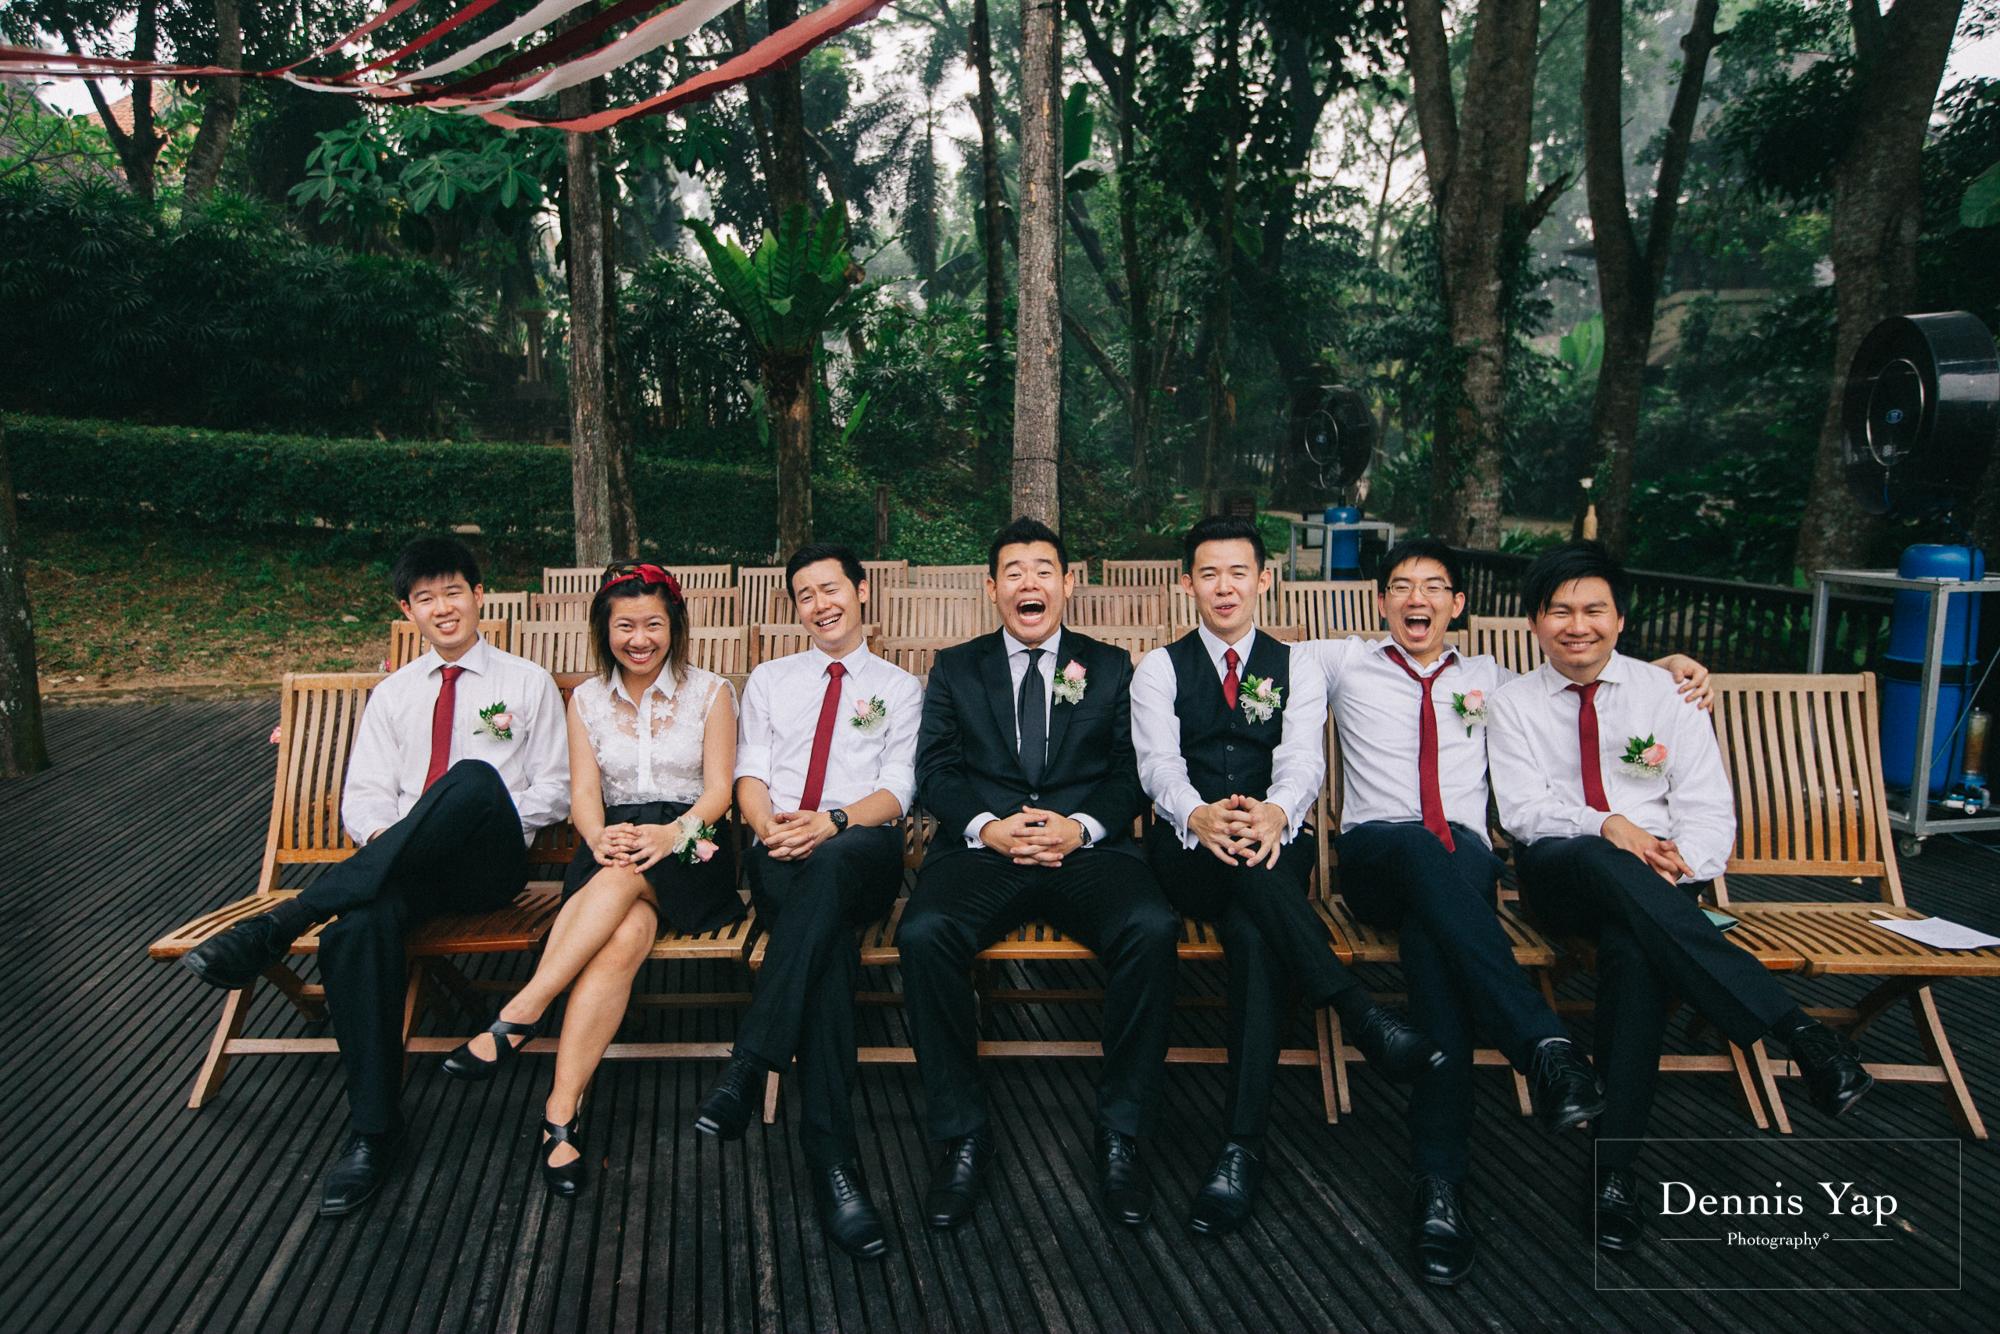 jason su lin rom registration gita bayu serdang wedding reception ceremony dennis yap photography fog malaysia-35.jpg